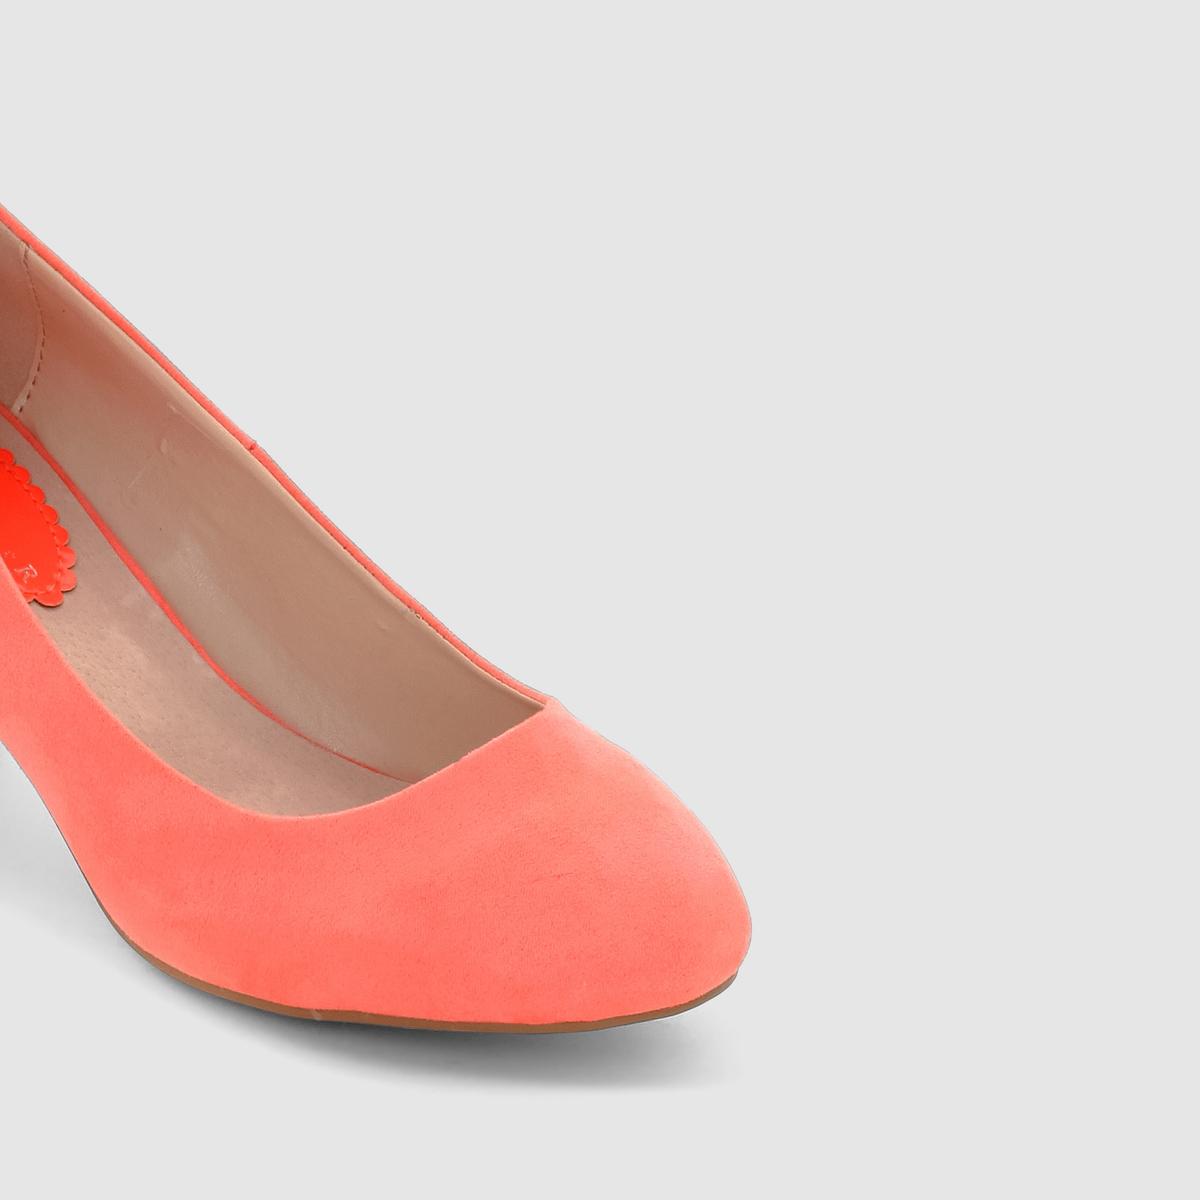 Балетки флуоресцентныеМы советуем выбирать обувь на размер больше, чем ваш обычный размер.<br><br>Цвет: ярко-коралловый<br>Размер: 37.40